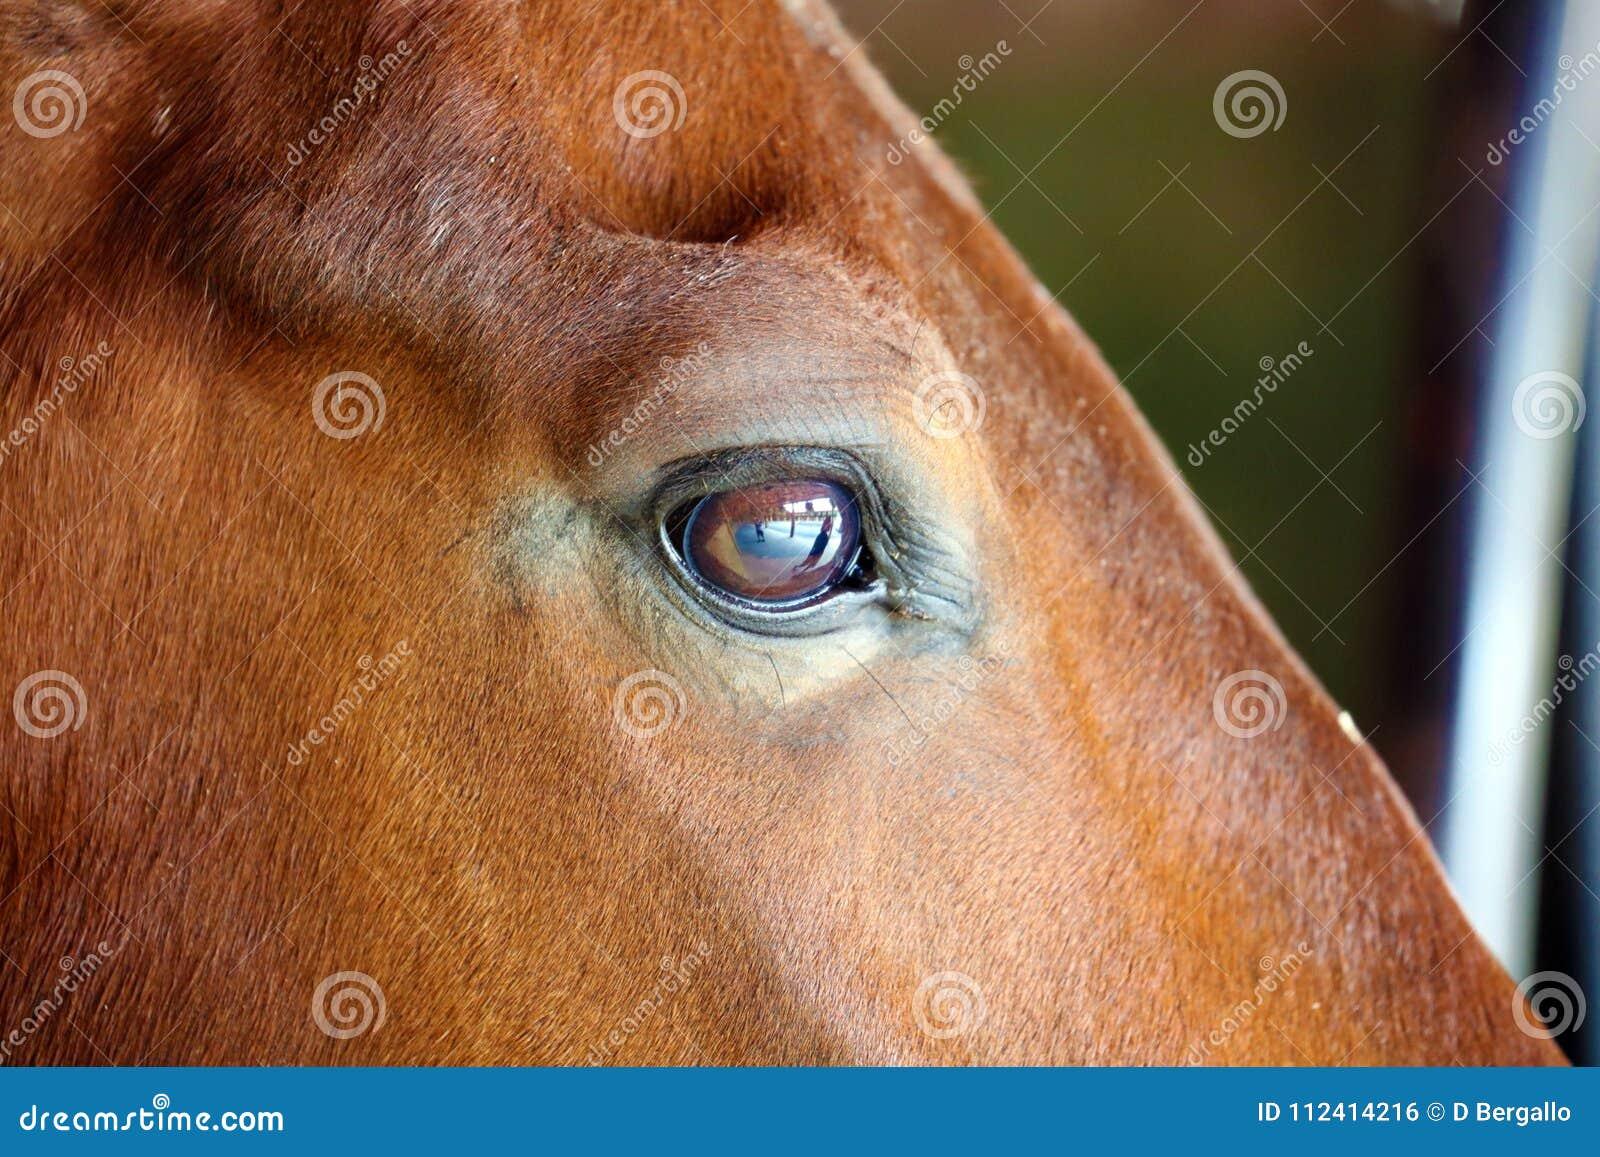 Gorgeous horse eye andalusian spanish stallion, amazing arabian horse.